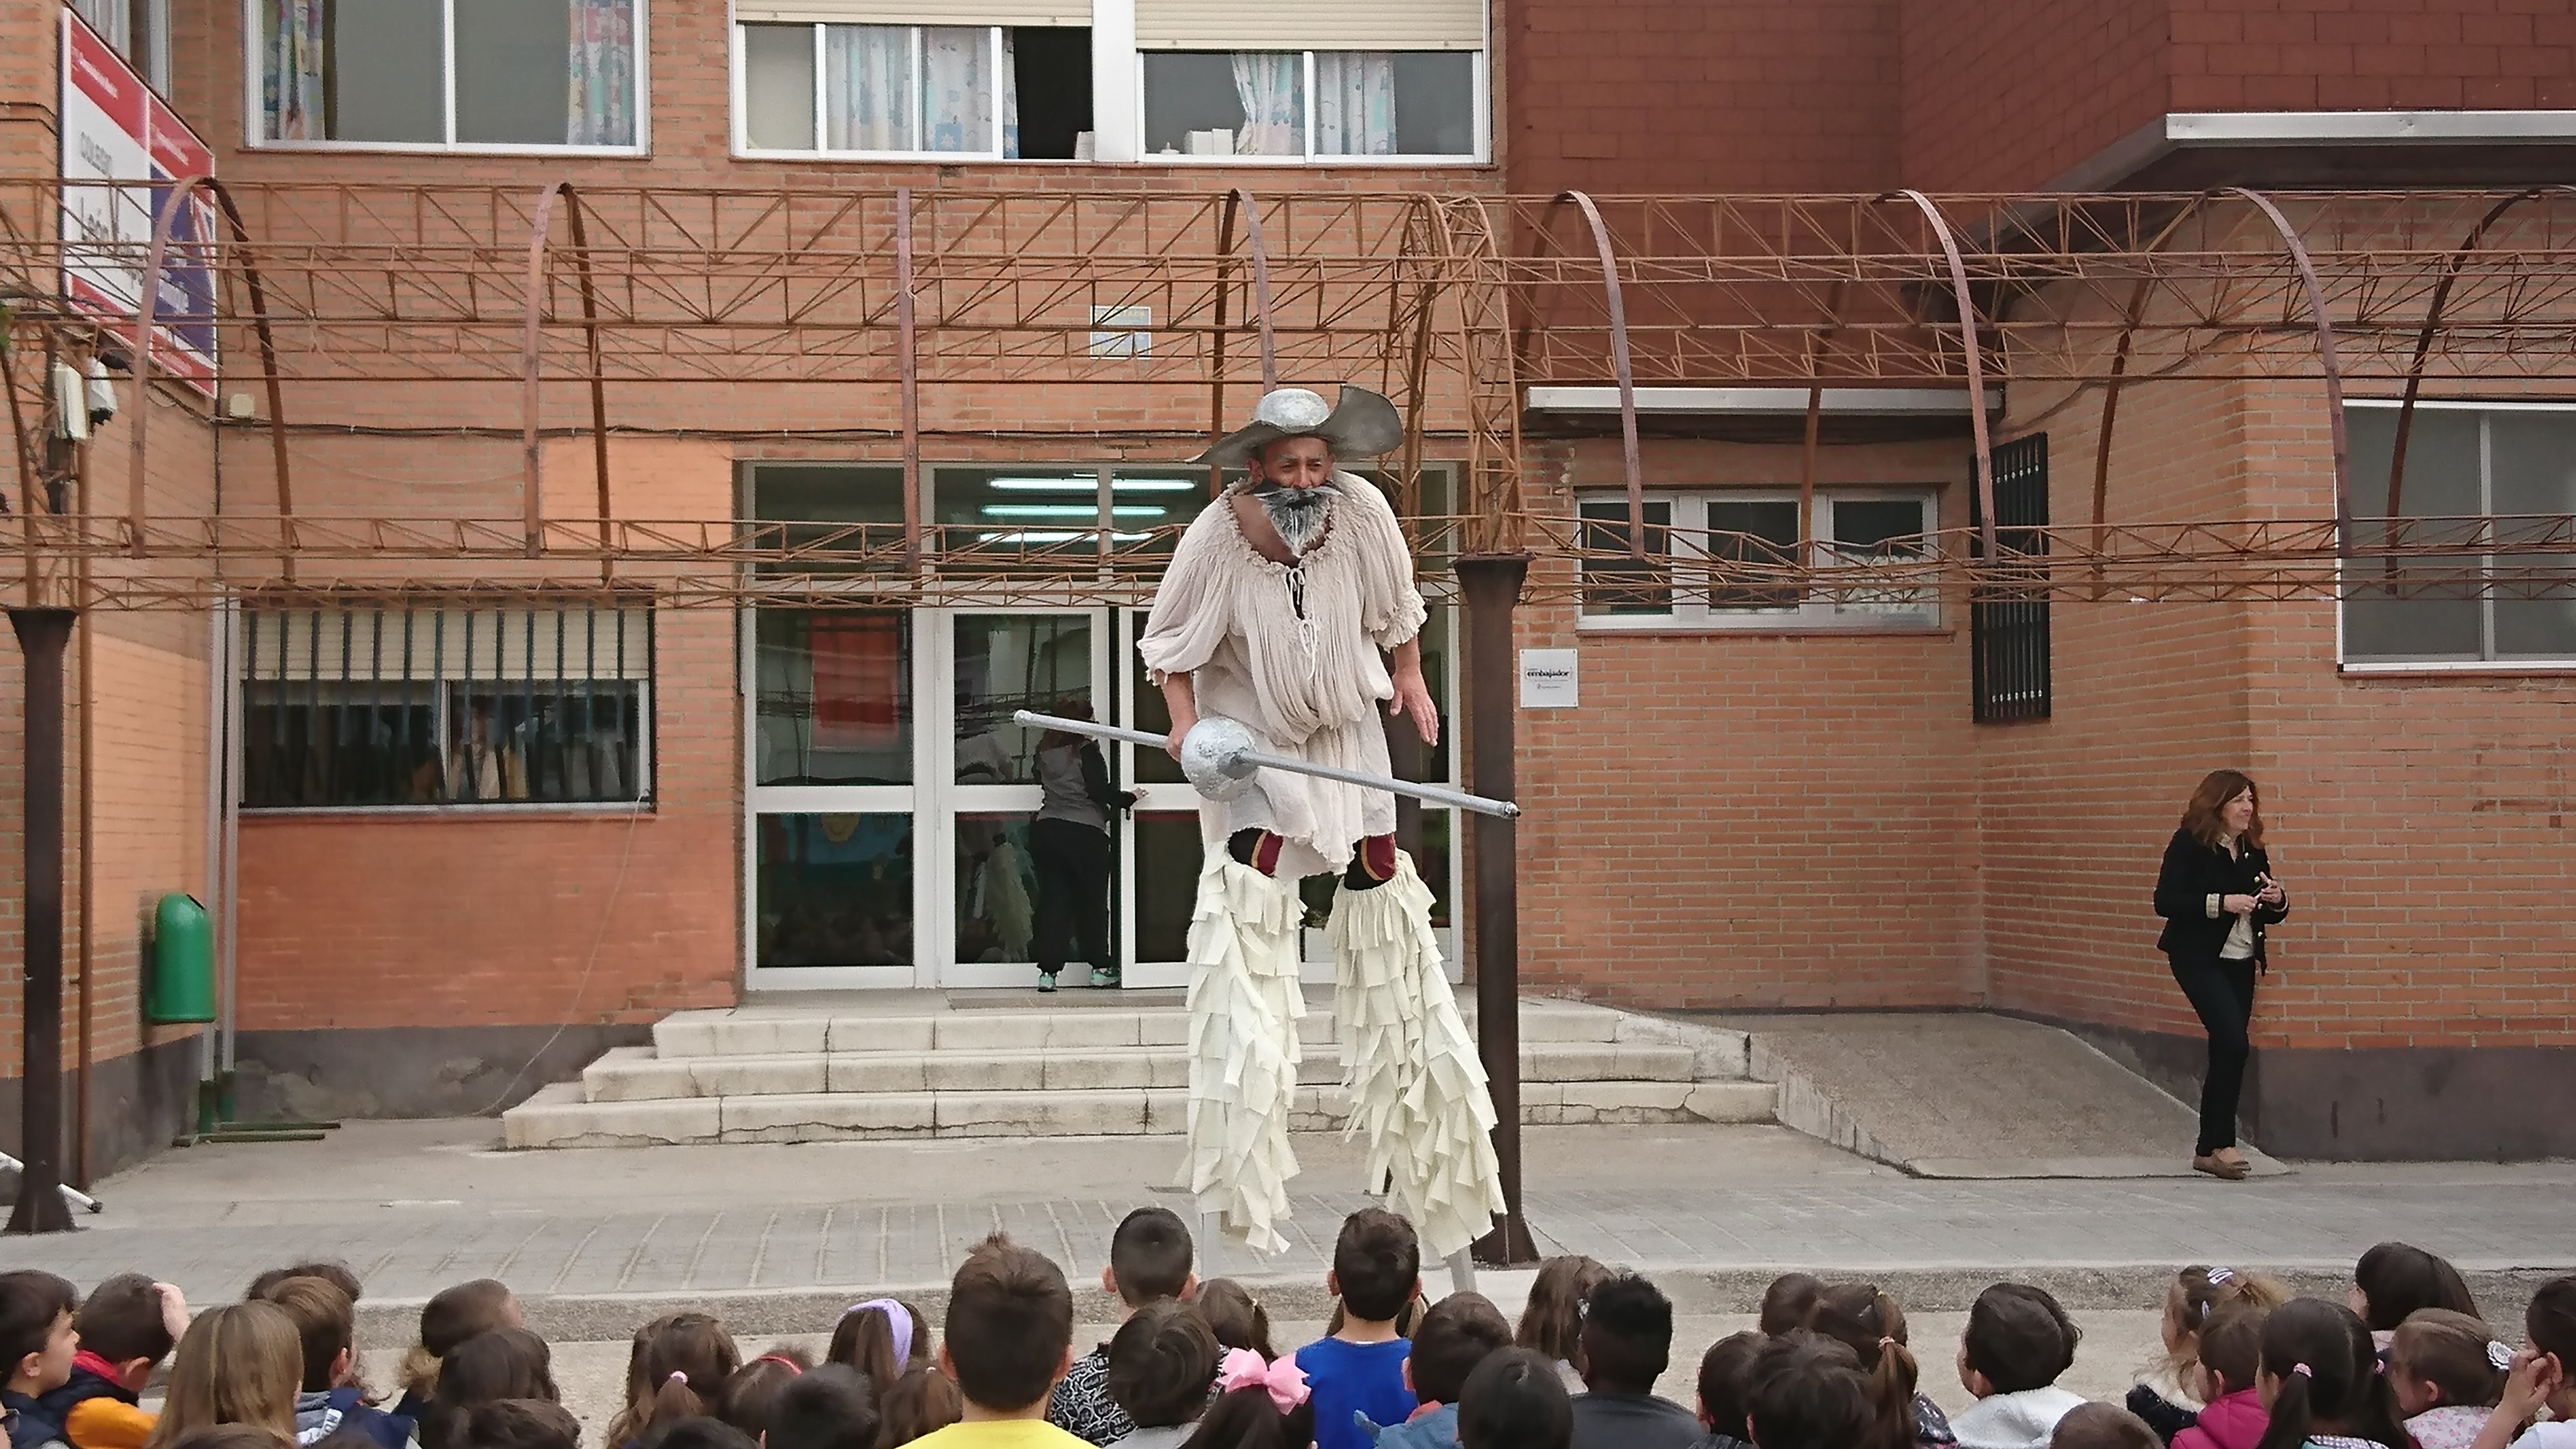 Zancudo de Don Quijote